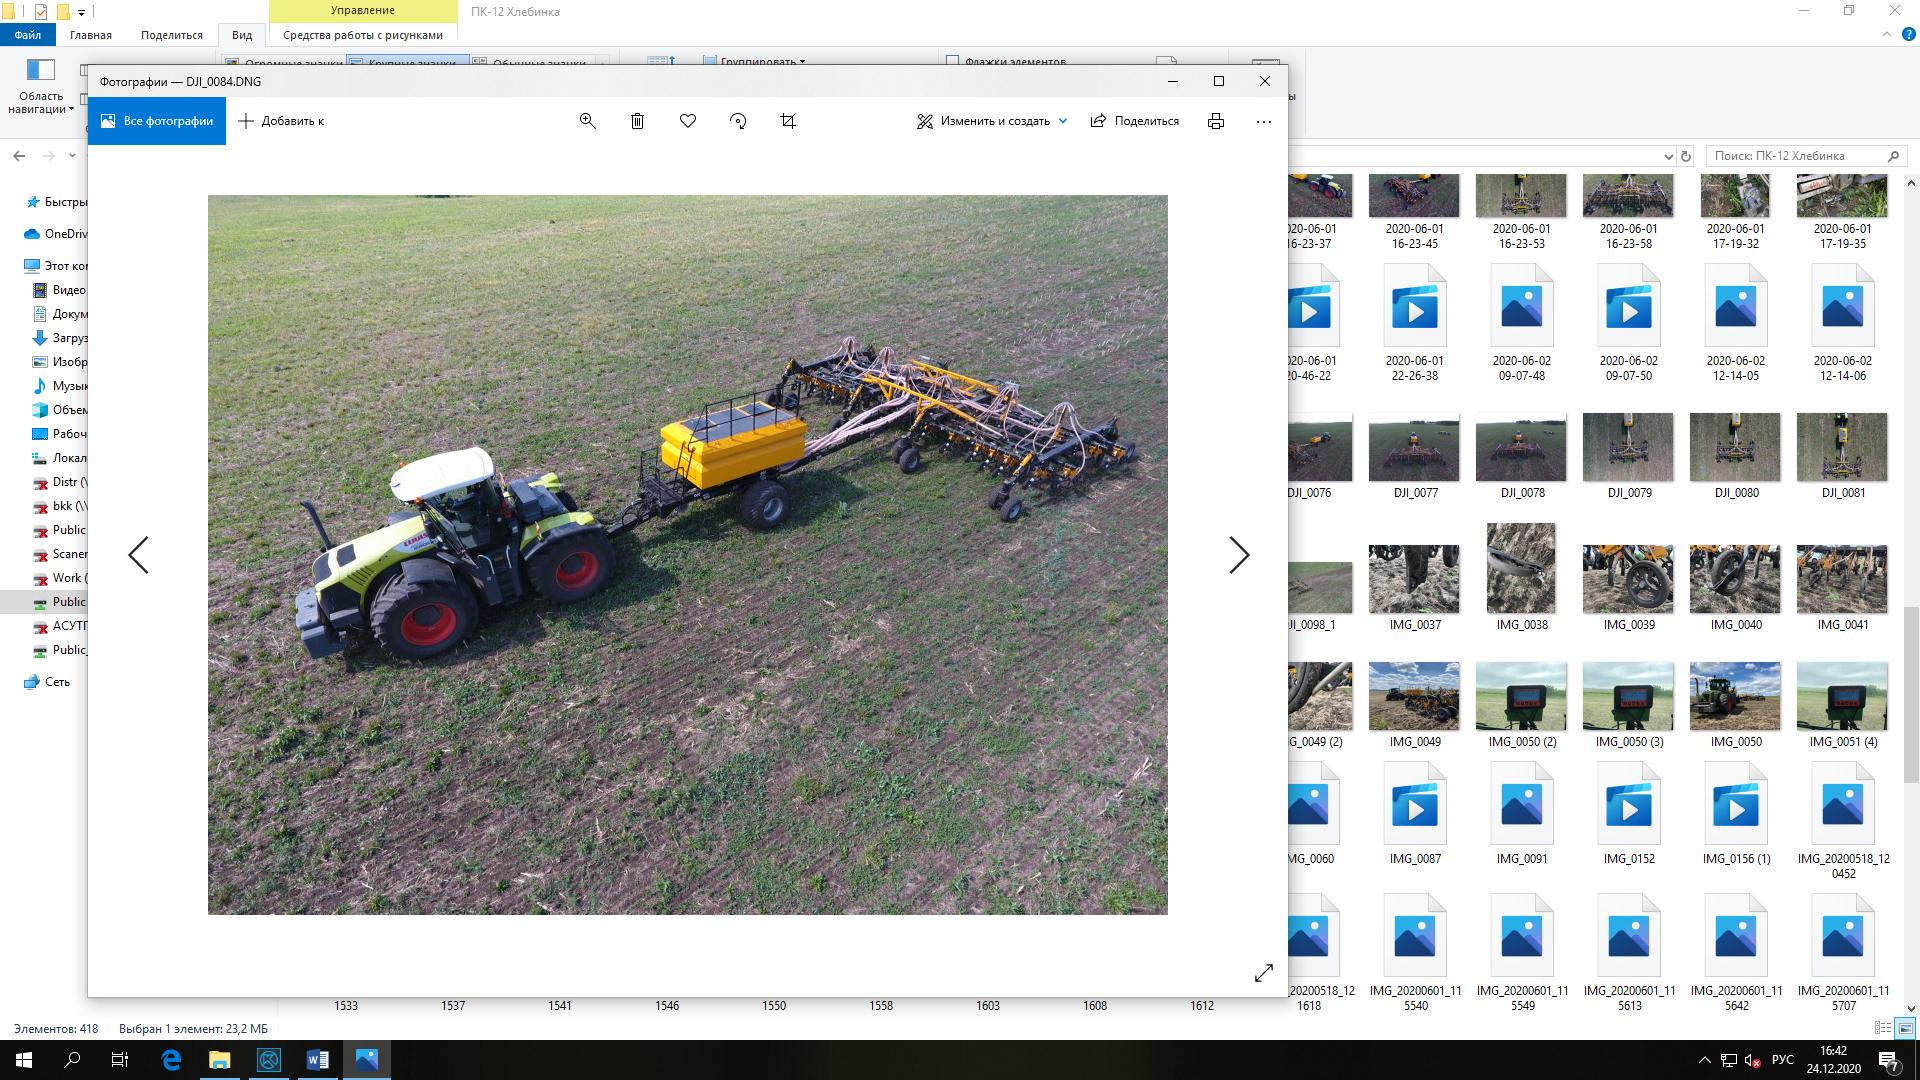 word image 1215 Разработка конструктивной схемы и обоснование параметров почвообрабатывающего посевного агрегата с пневматическим высевом семян для тракторов класса тяги 5